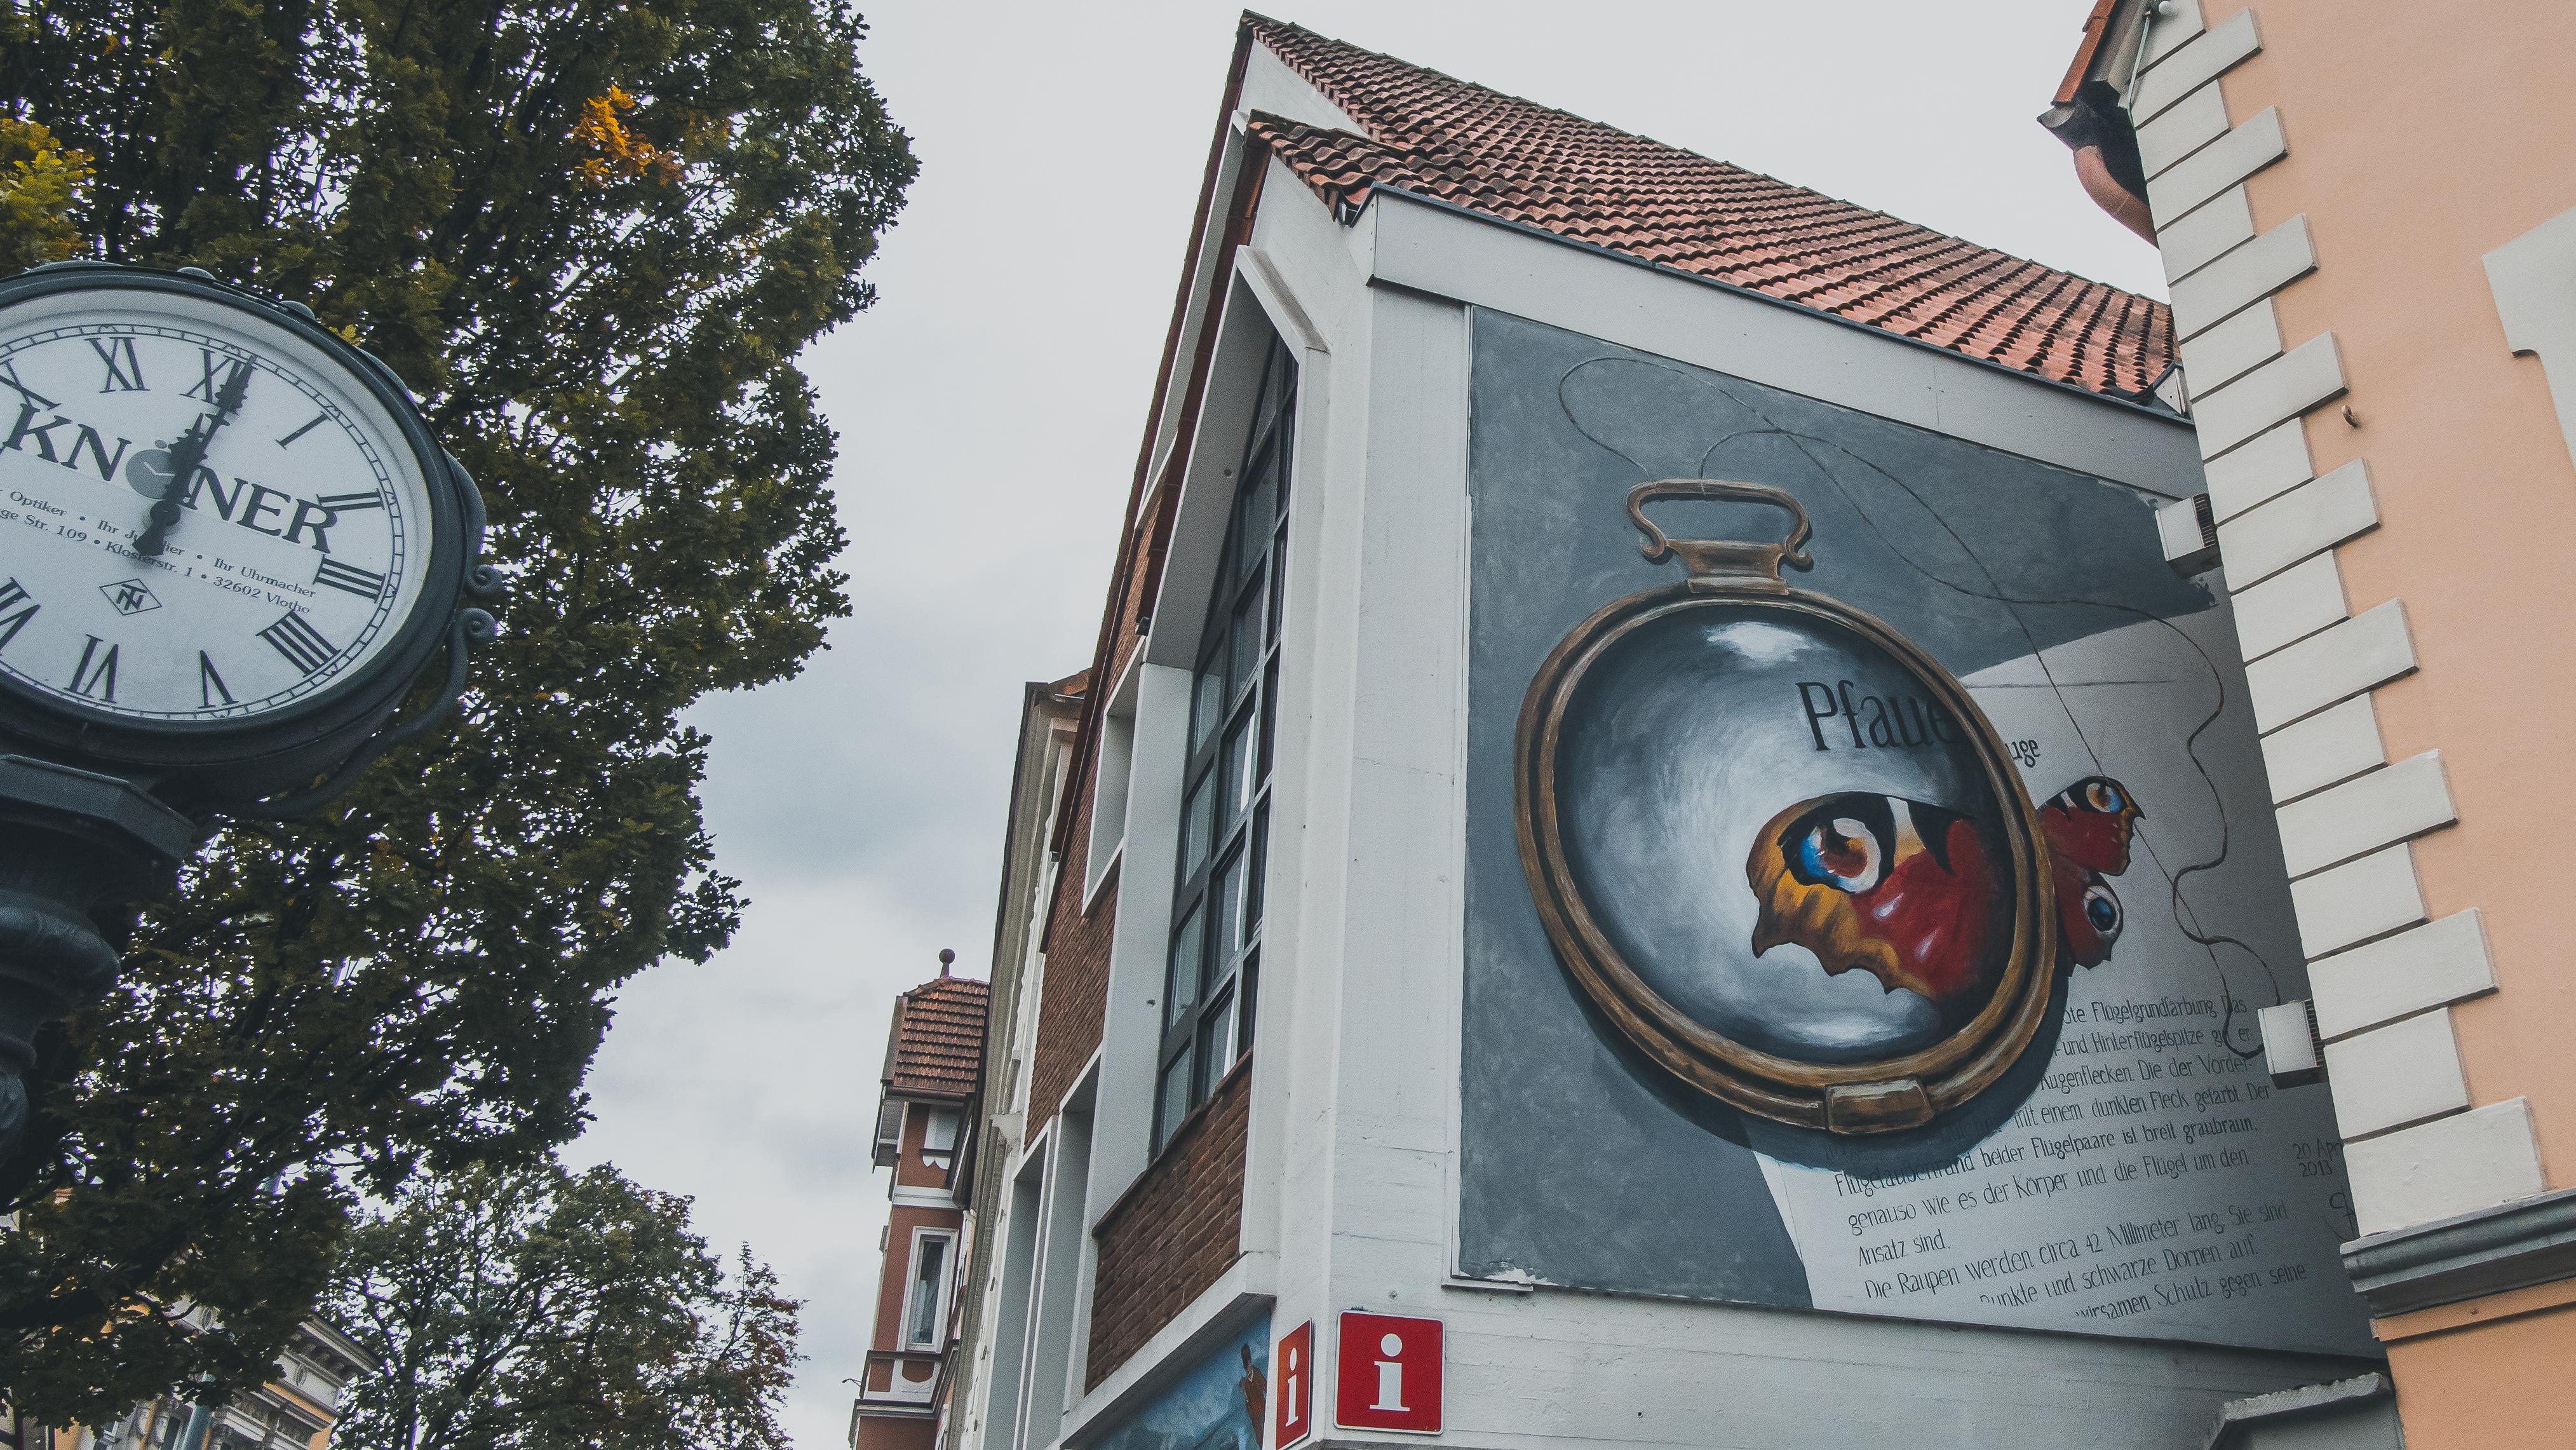 Eines der großflächigen Kunstwerke in Vlotho